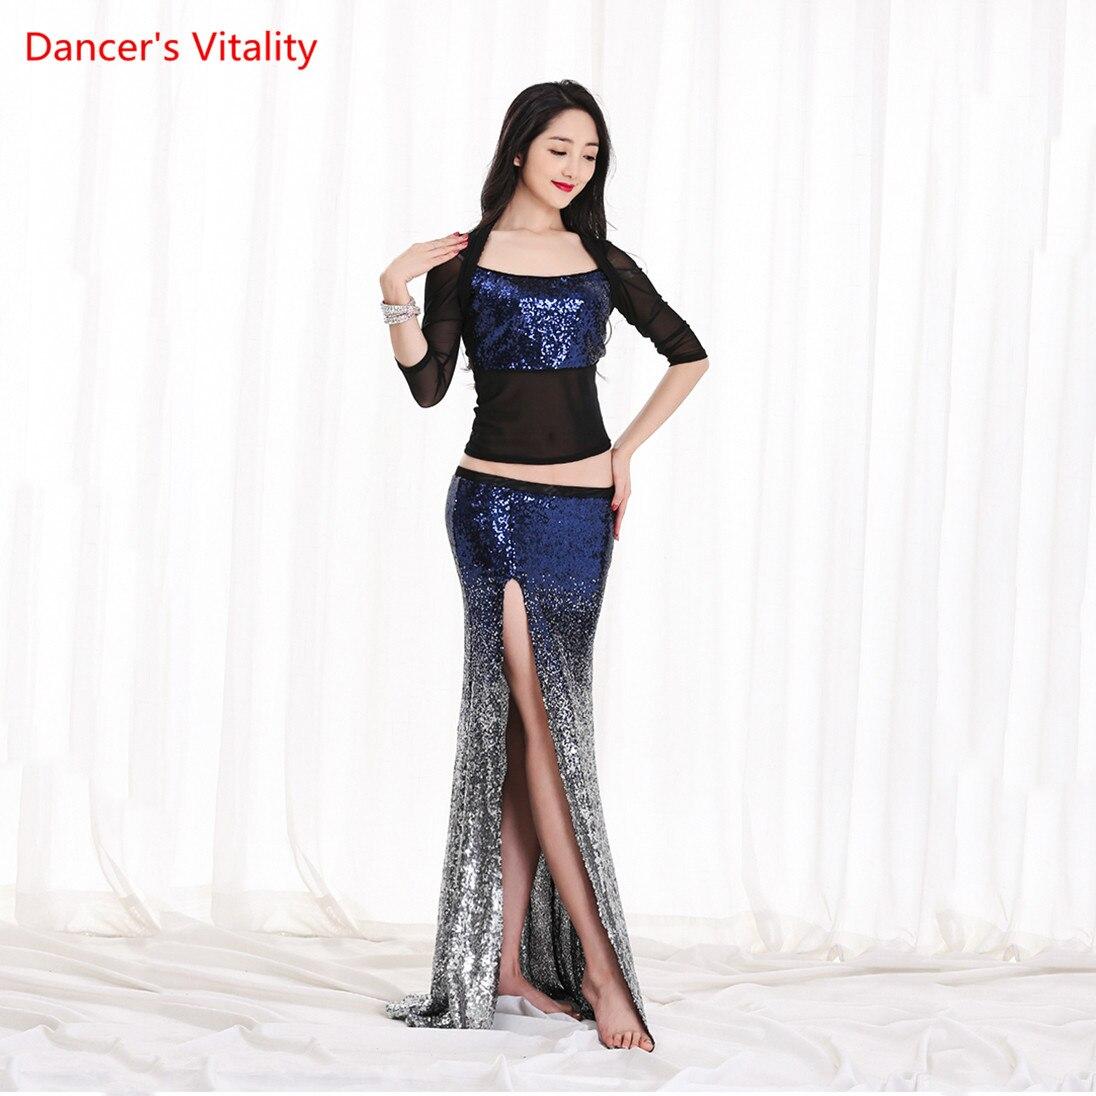 Mulheres Novo Conjunto de Dança Do Ventre Dança Oriental Competição de Dança Traje de Lantejoulas Top + Fishtail Saia 2pcs gypsy traje saia conjunto